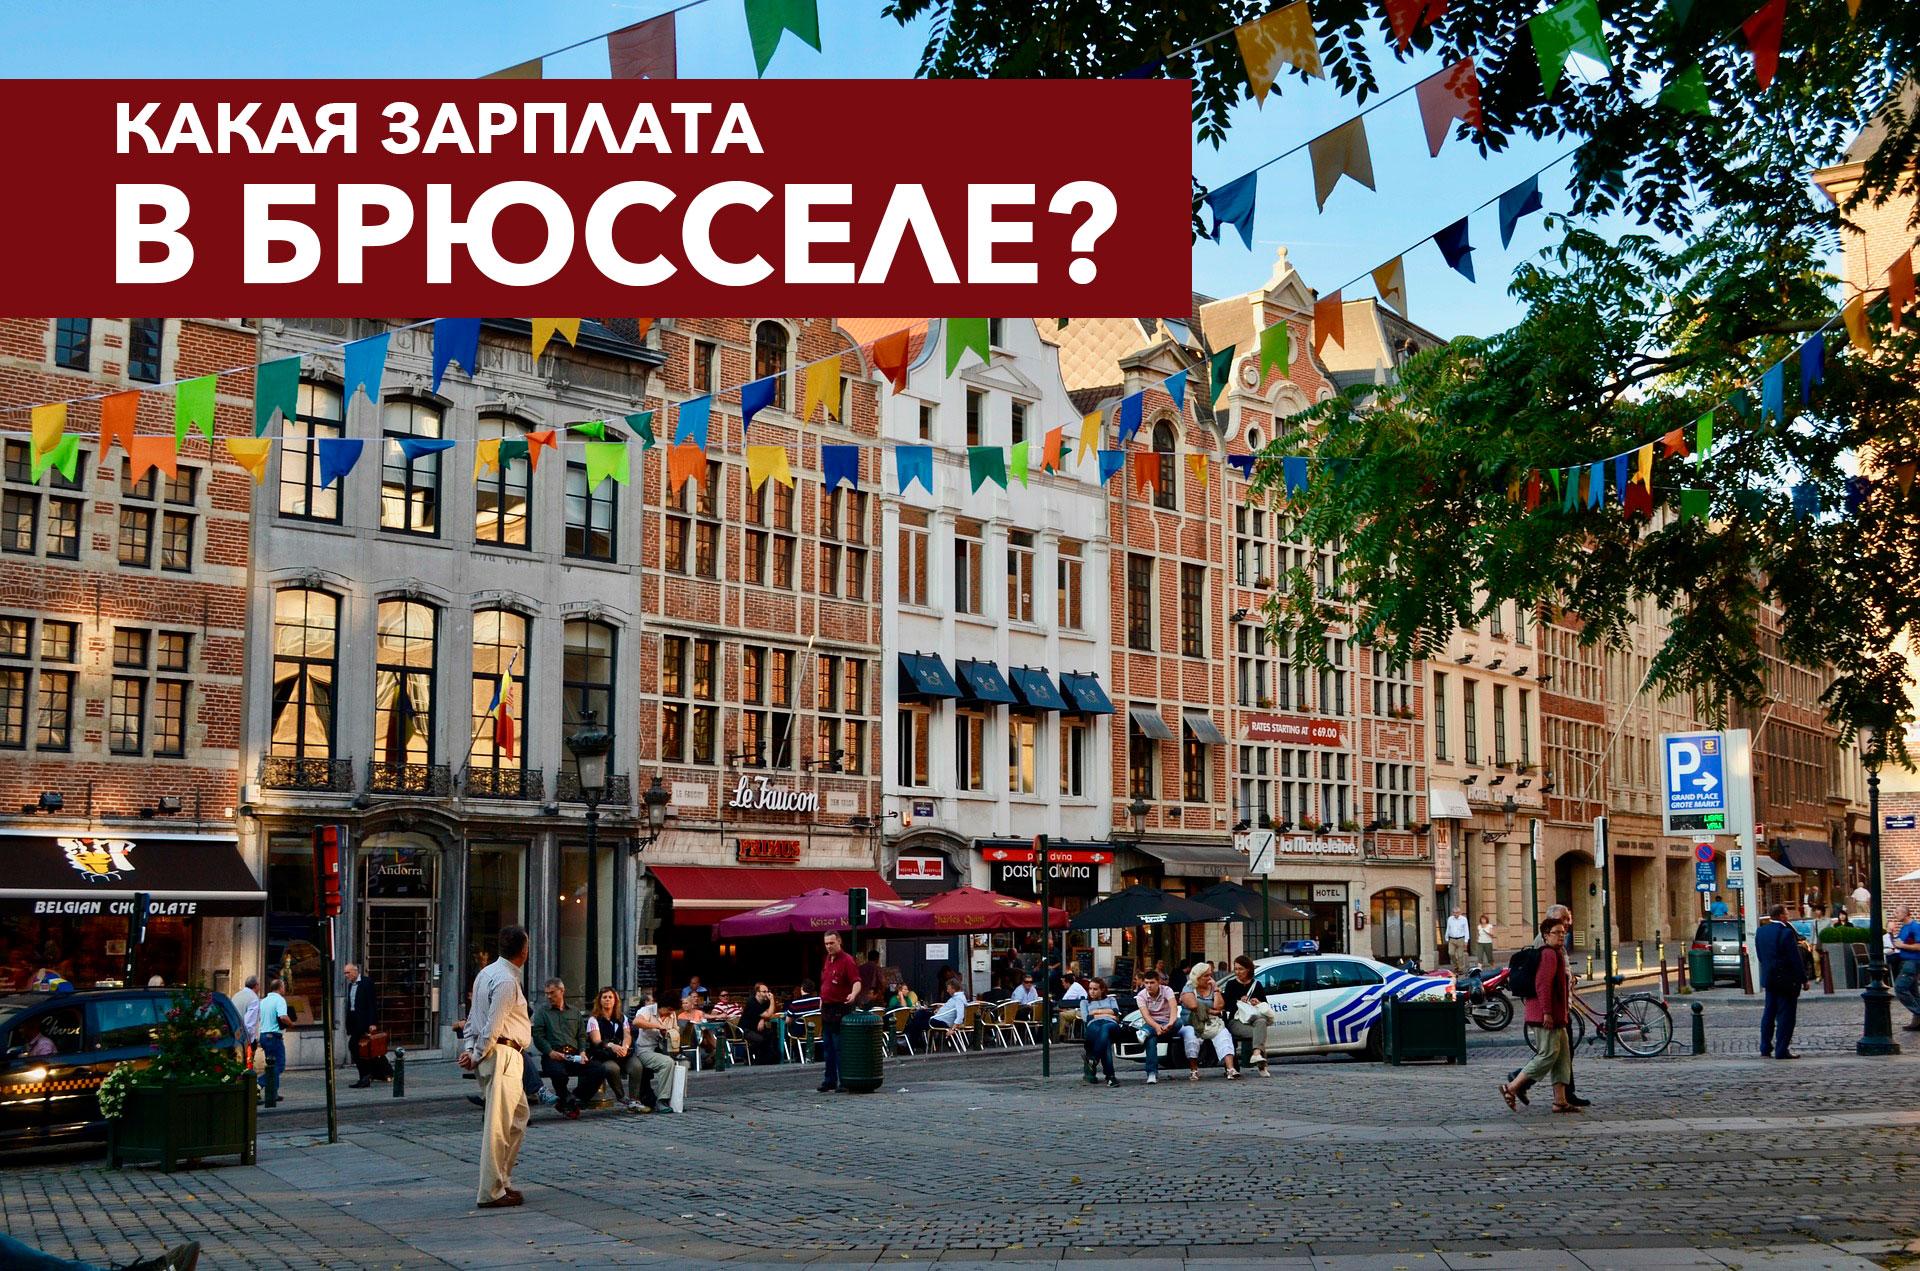 Средняя зарплата в Брюсселе, Бельгия и уровень жизни